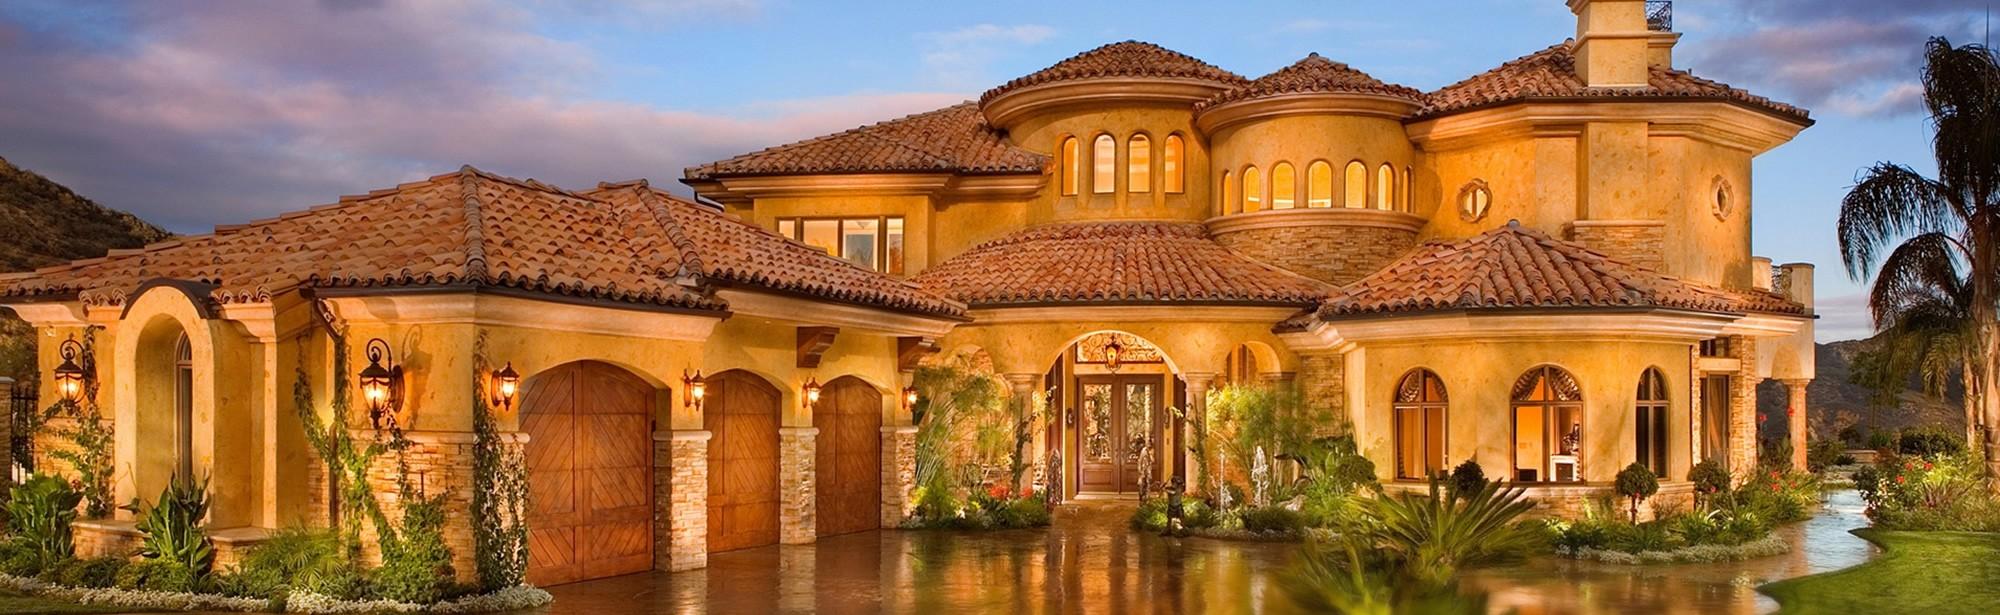 <p>Nuestra Casa Es Su Casa</p>